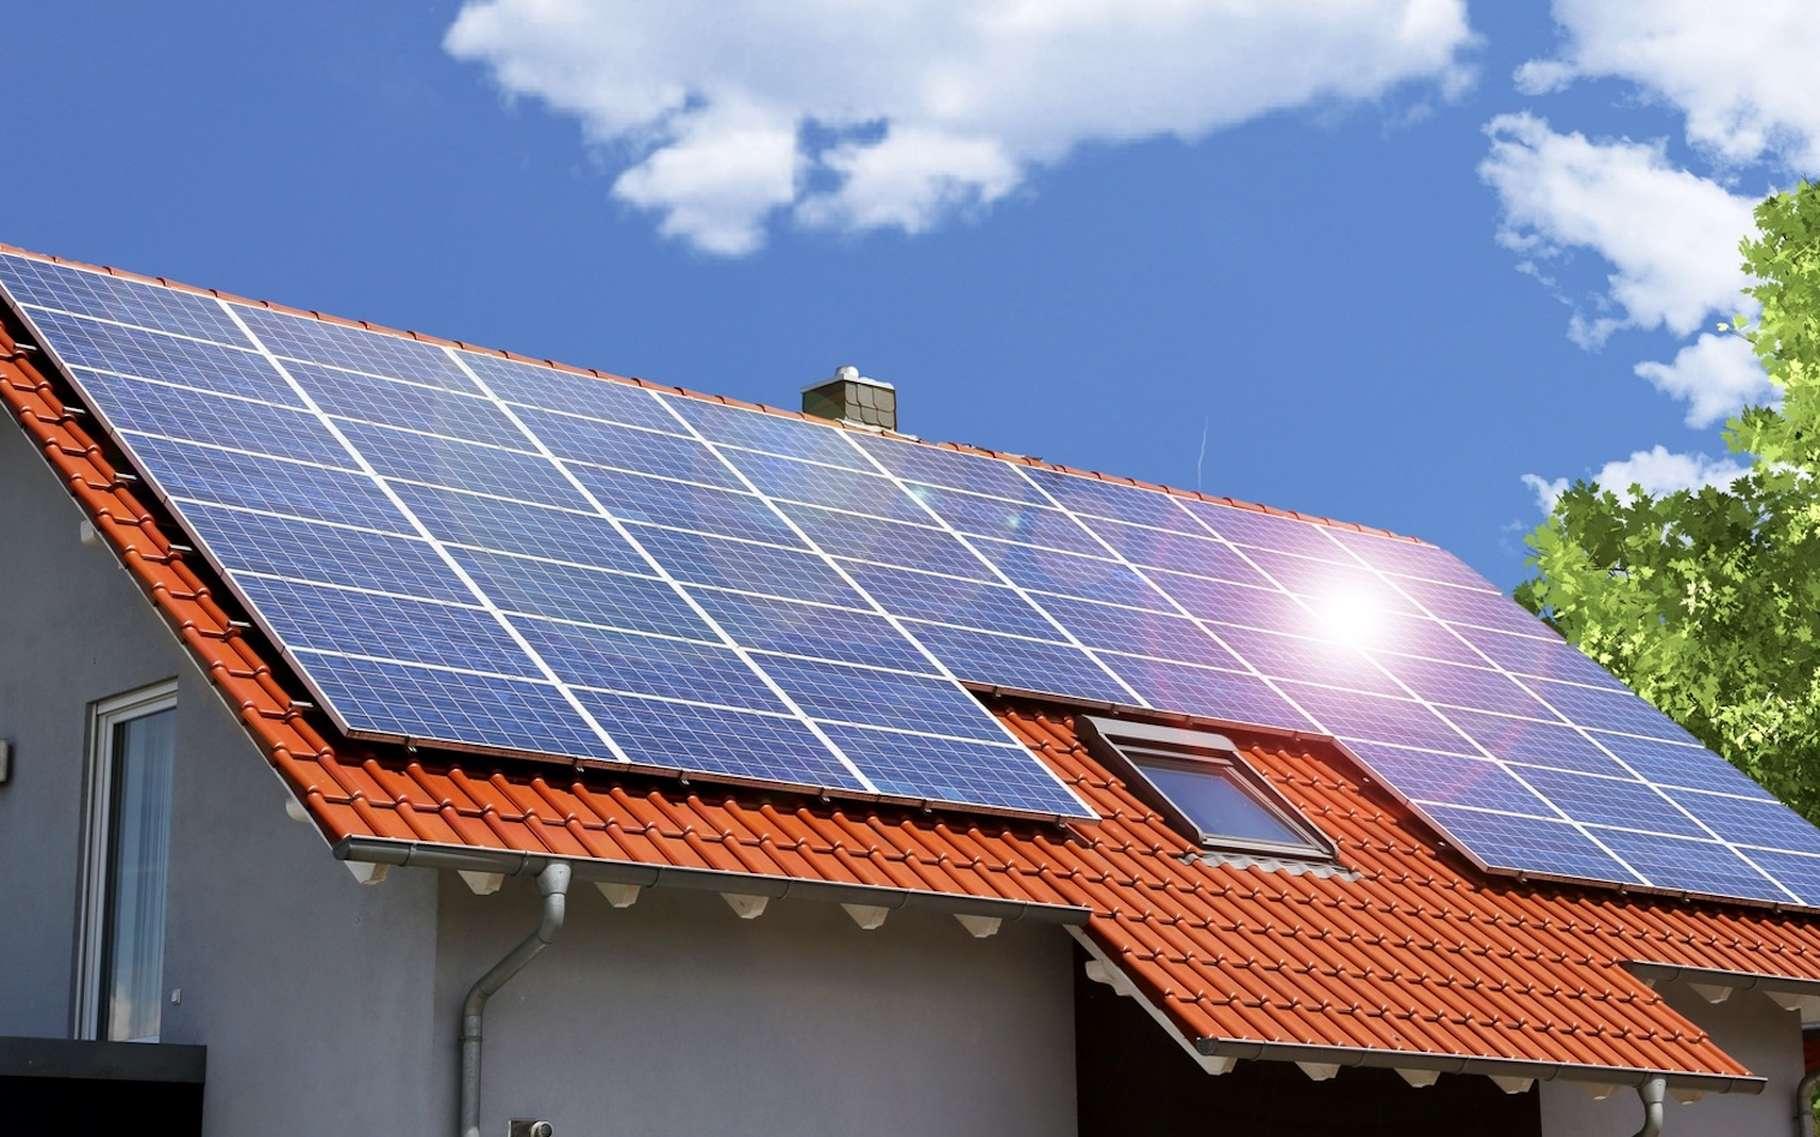 Aujourd'hui, l'autoconsommation, rendue possible dans la plupart des cas par des panneaux solaires photovoltaïques, apparaît comme une solution compatible avec le modèle énergétique de demain. Elle séduit de plus en plus de particuliers et même les collectivités et les entreprises y viennent. © U. J. Alexander, Fotolia